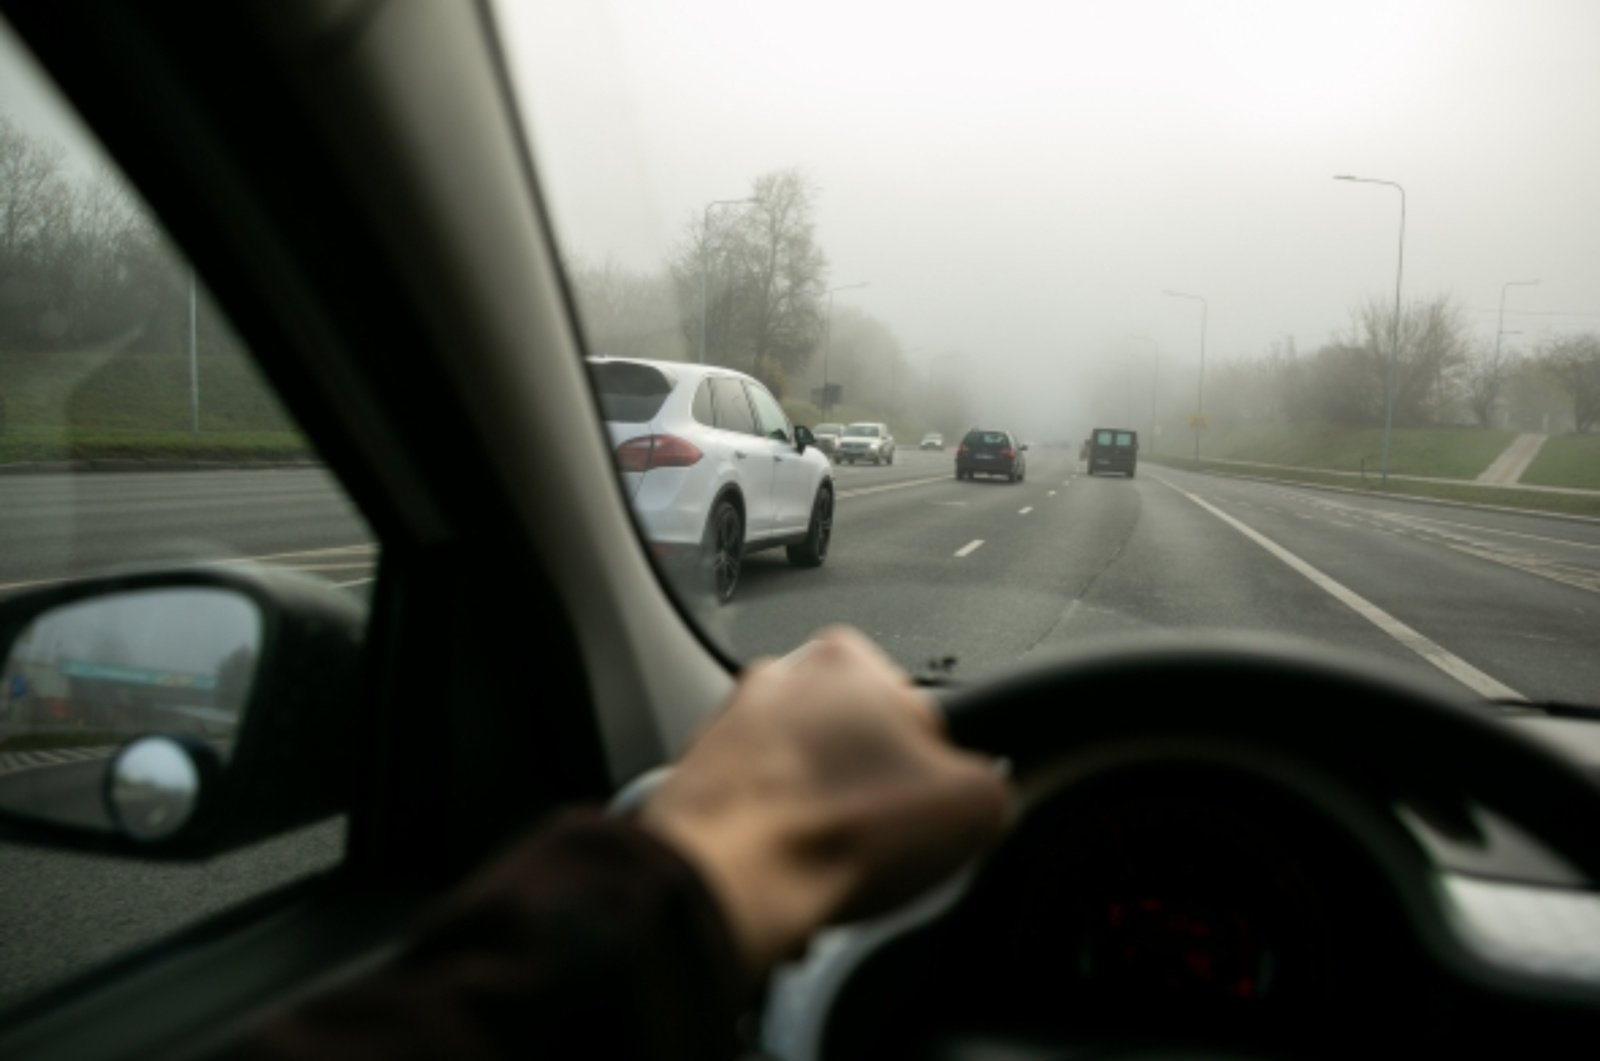 Kriminalai Klaipėdos apskrityje: apgadinti automobiliai ir vagystės